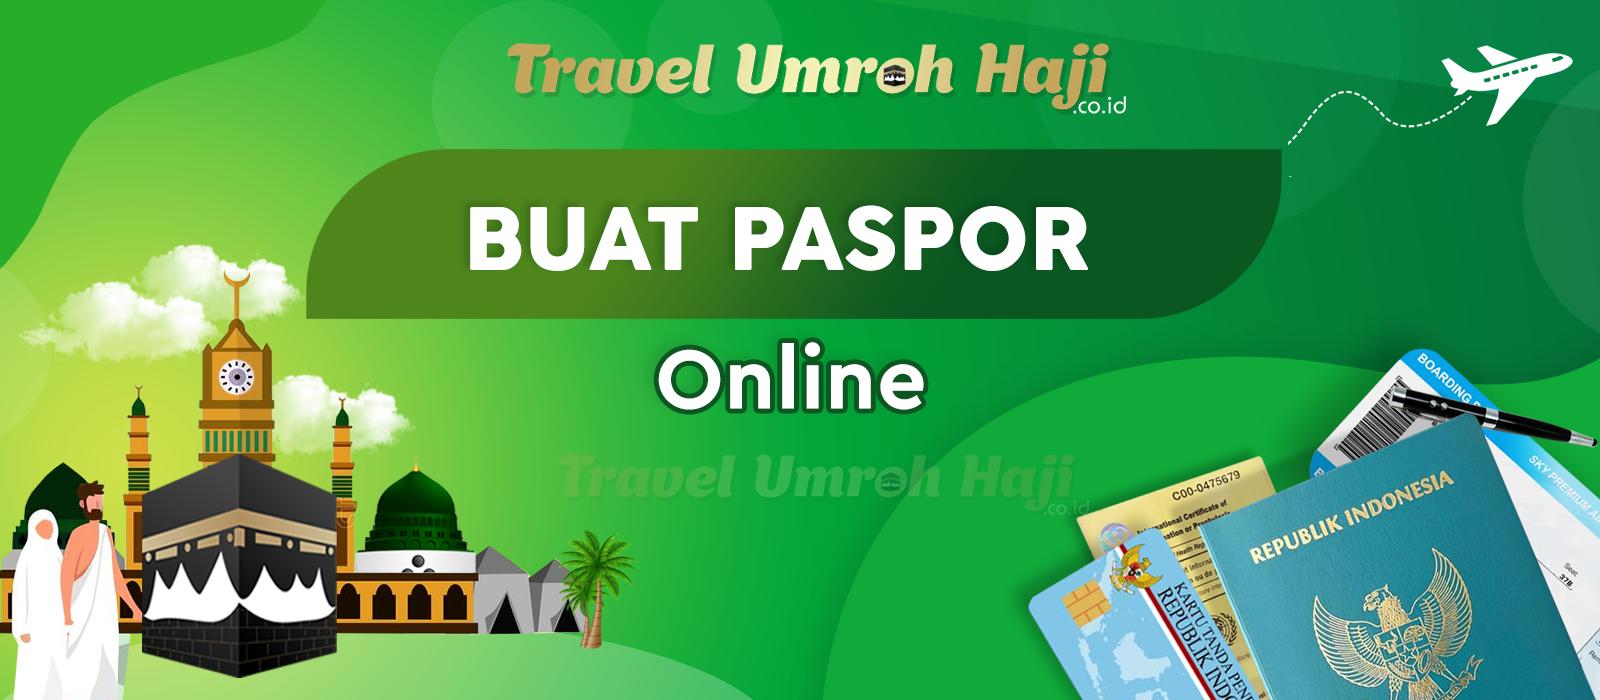 Persyaratan dan Cara Buat Paspor Untuk Umroh dan Haji dengan daftar secara Online